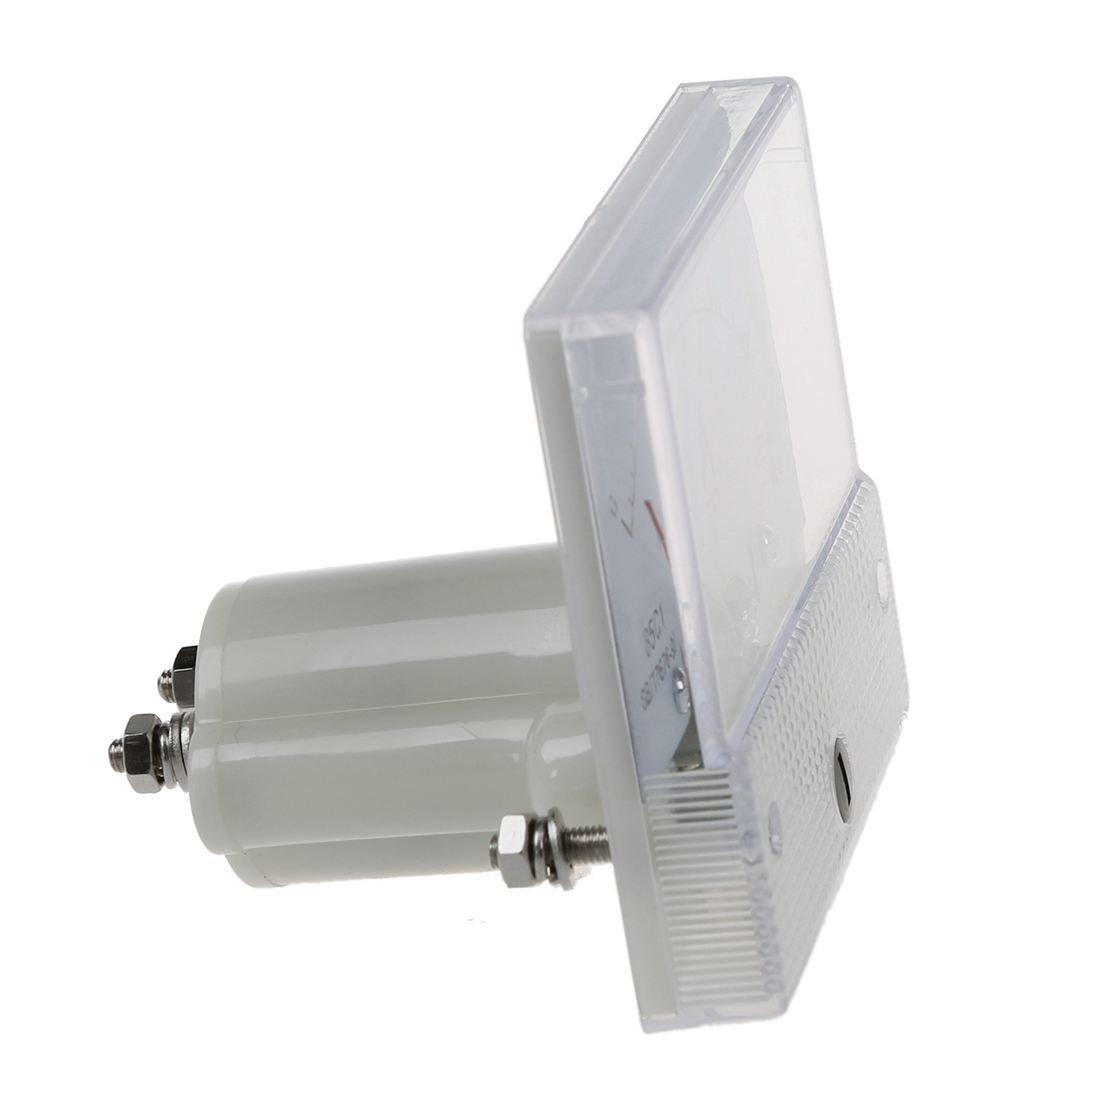 Nouveau 20A analogique Ampere Compteur de panneaux amperemetre SODIAL R